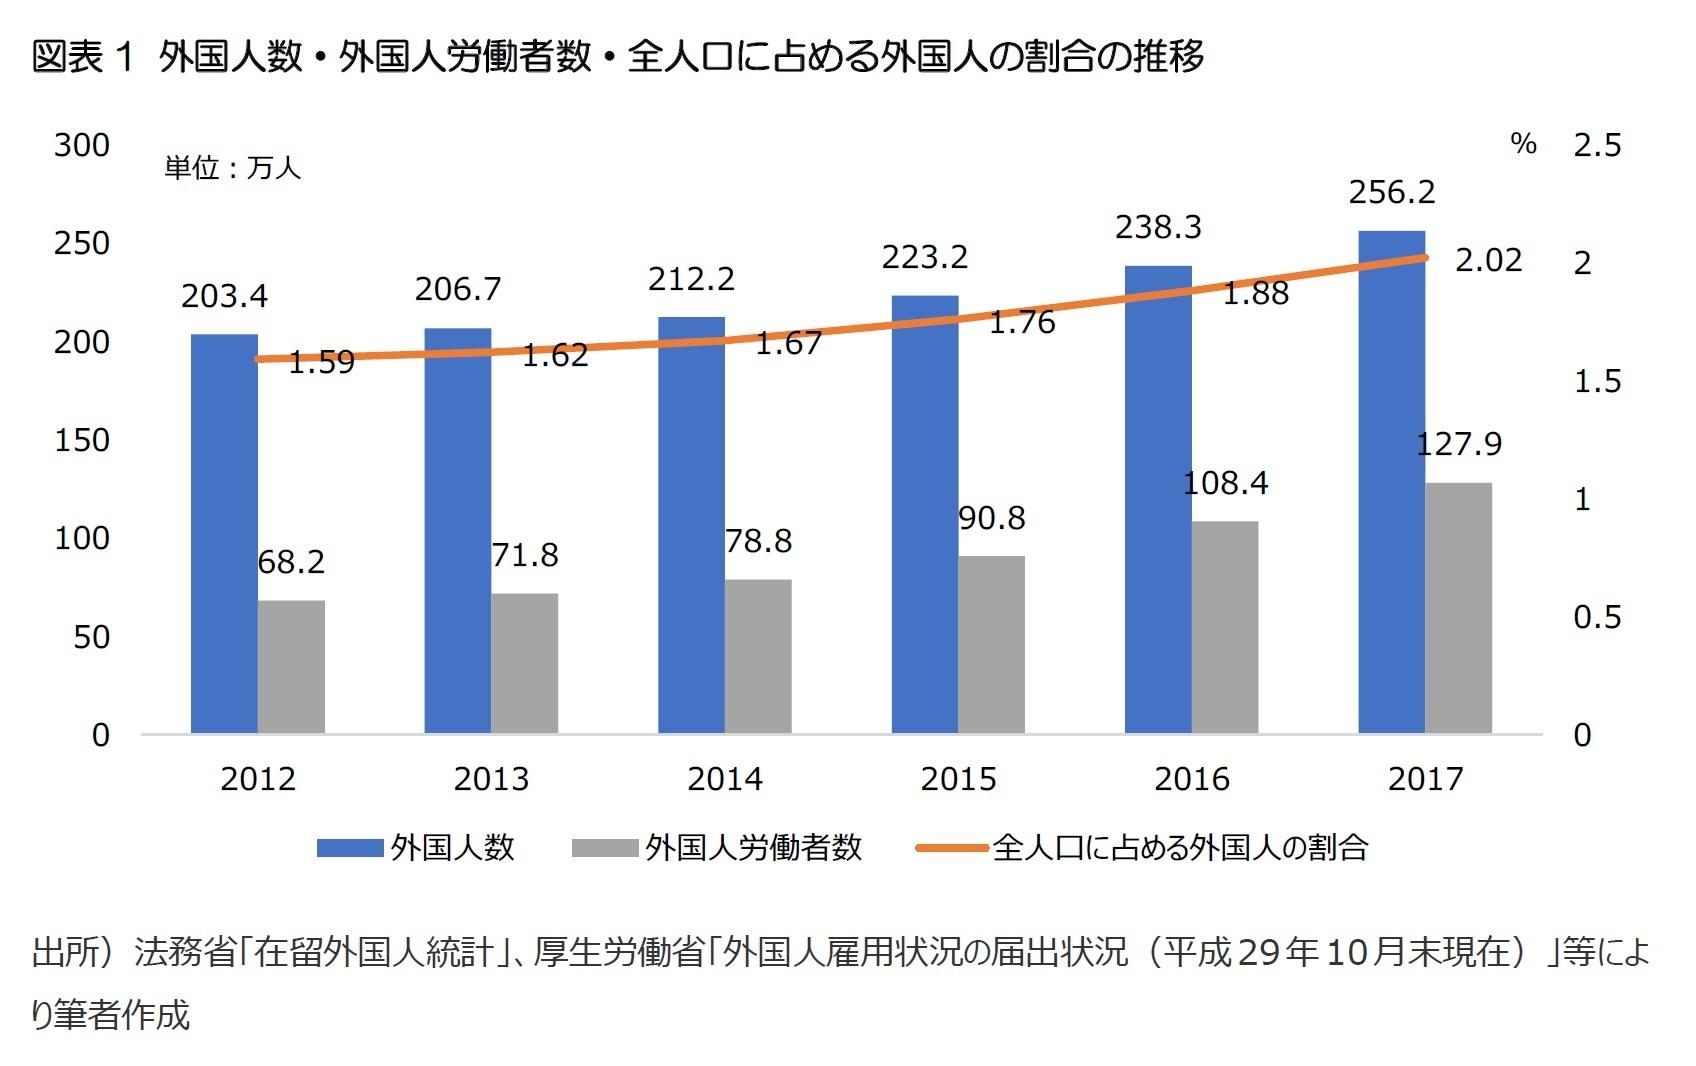 図表1 外国人数・外国人労働者数・全人口に占める外国人の割合の推移